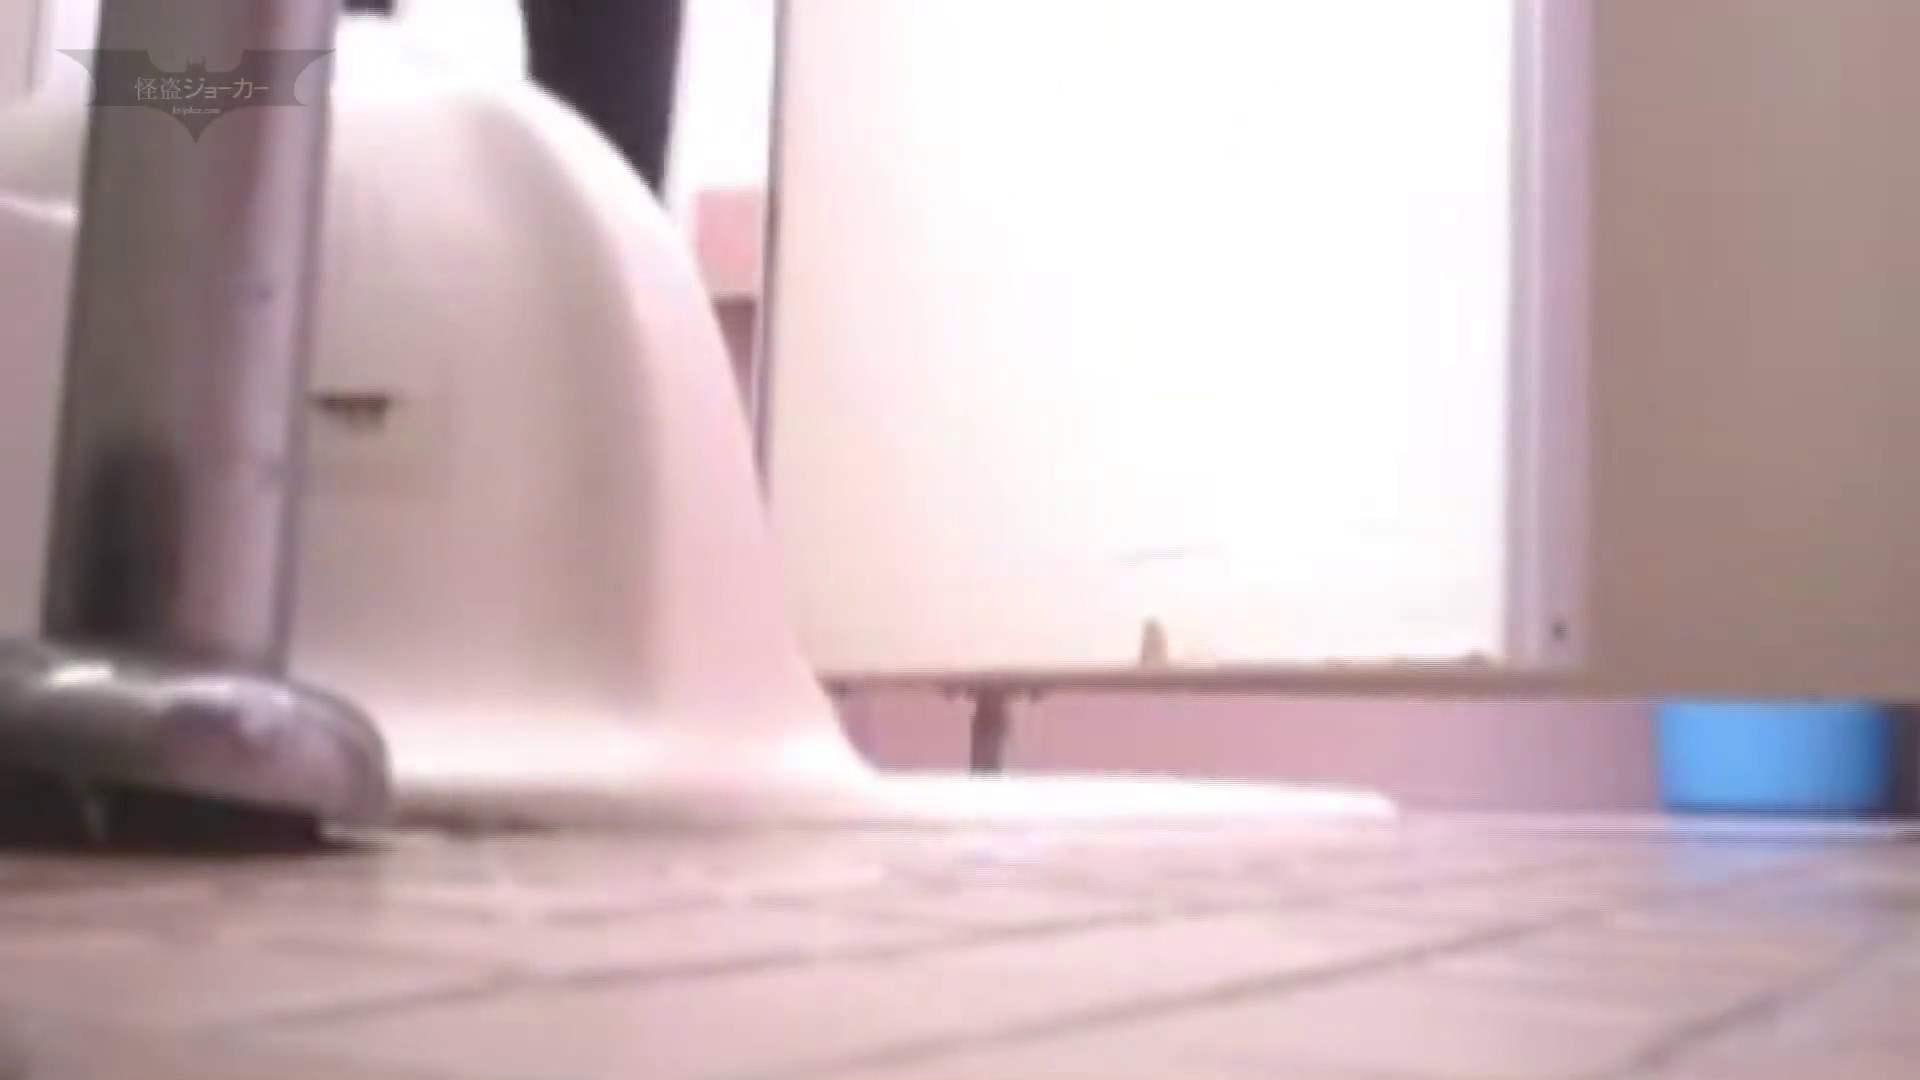 セックスアダルト動画|化粧室絵巻 番外編 VOL.04 銀河さん庫出し映像!!チョット良くなりました|怪盗ジョーカー